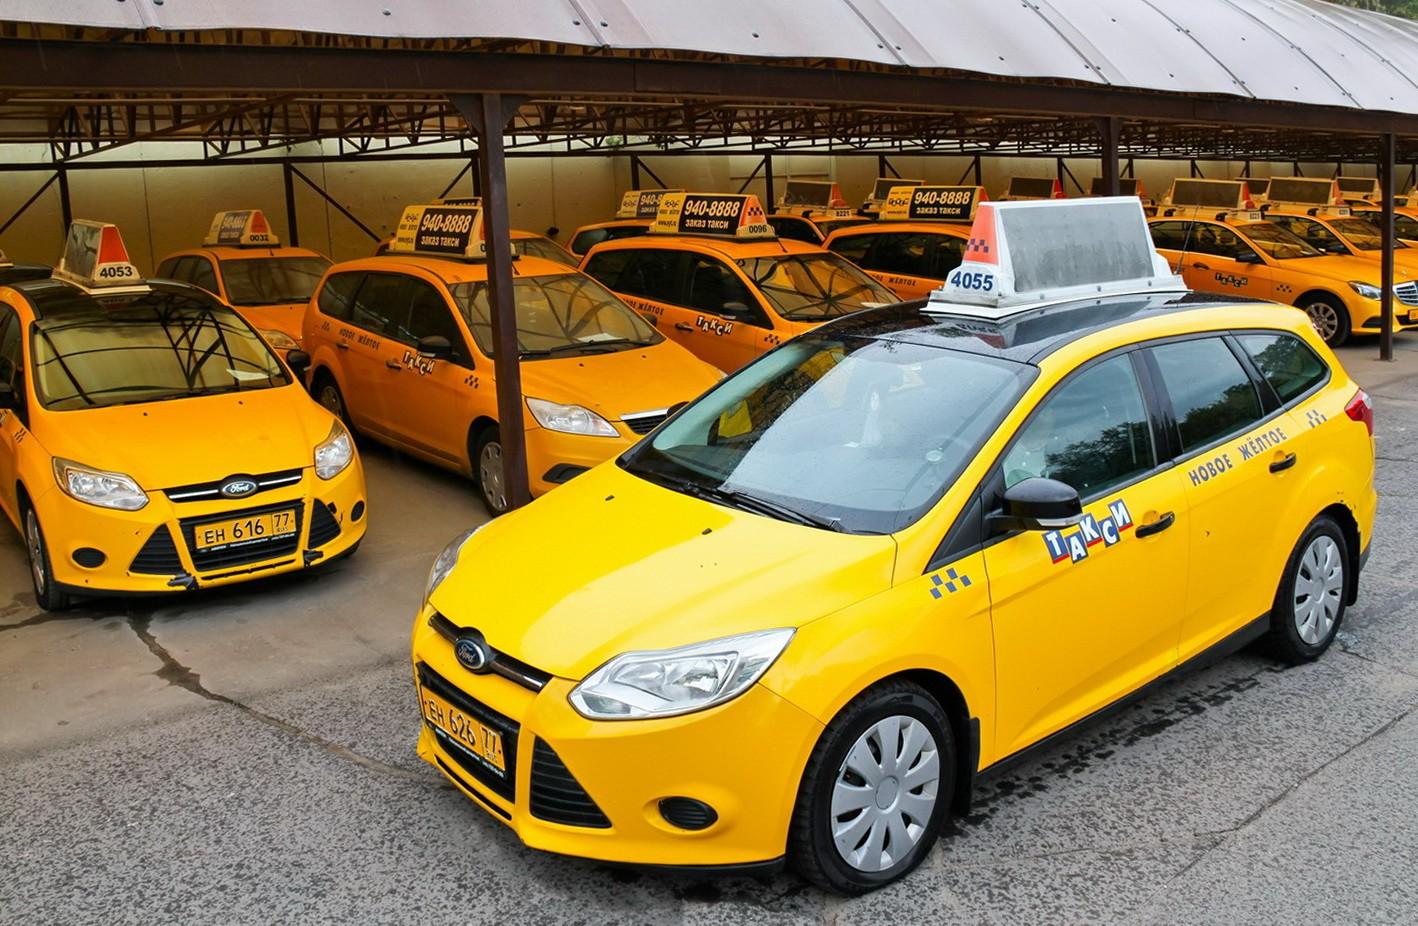 Специалисты составили ТОП-5 самых известных авто такси вРоссии